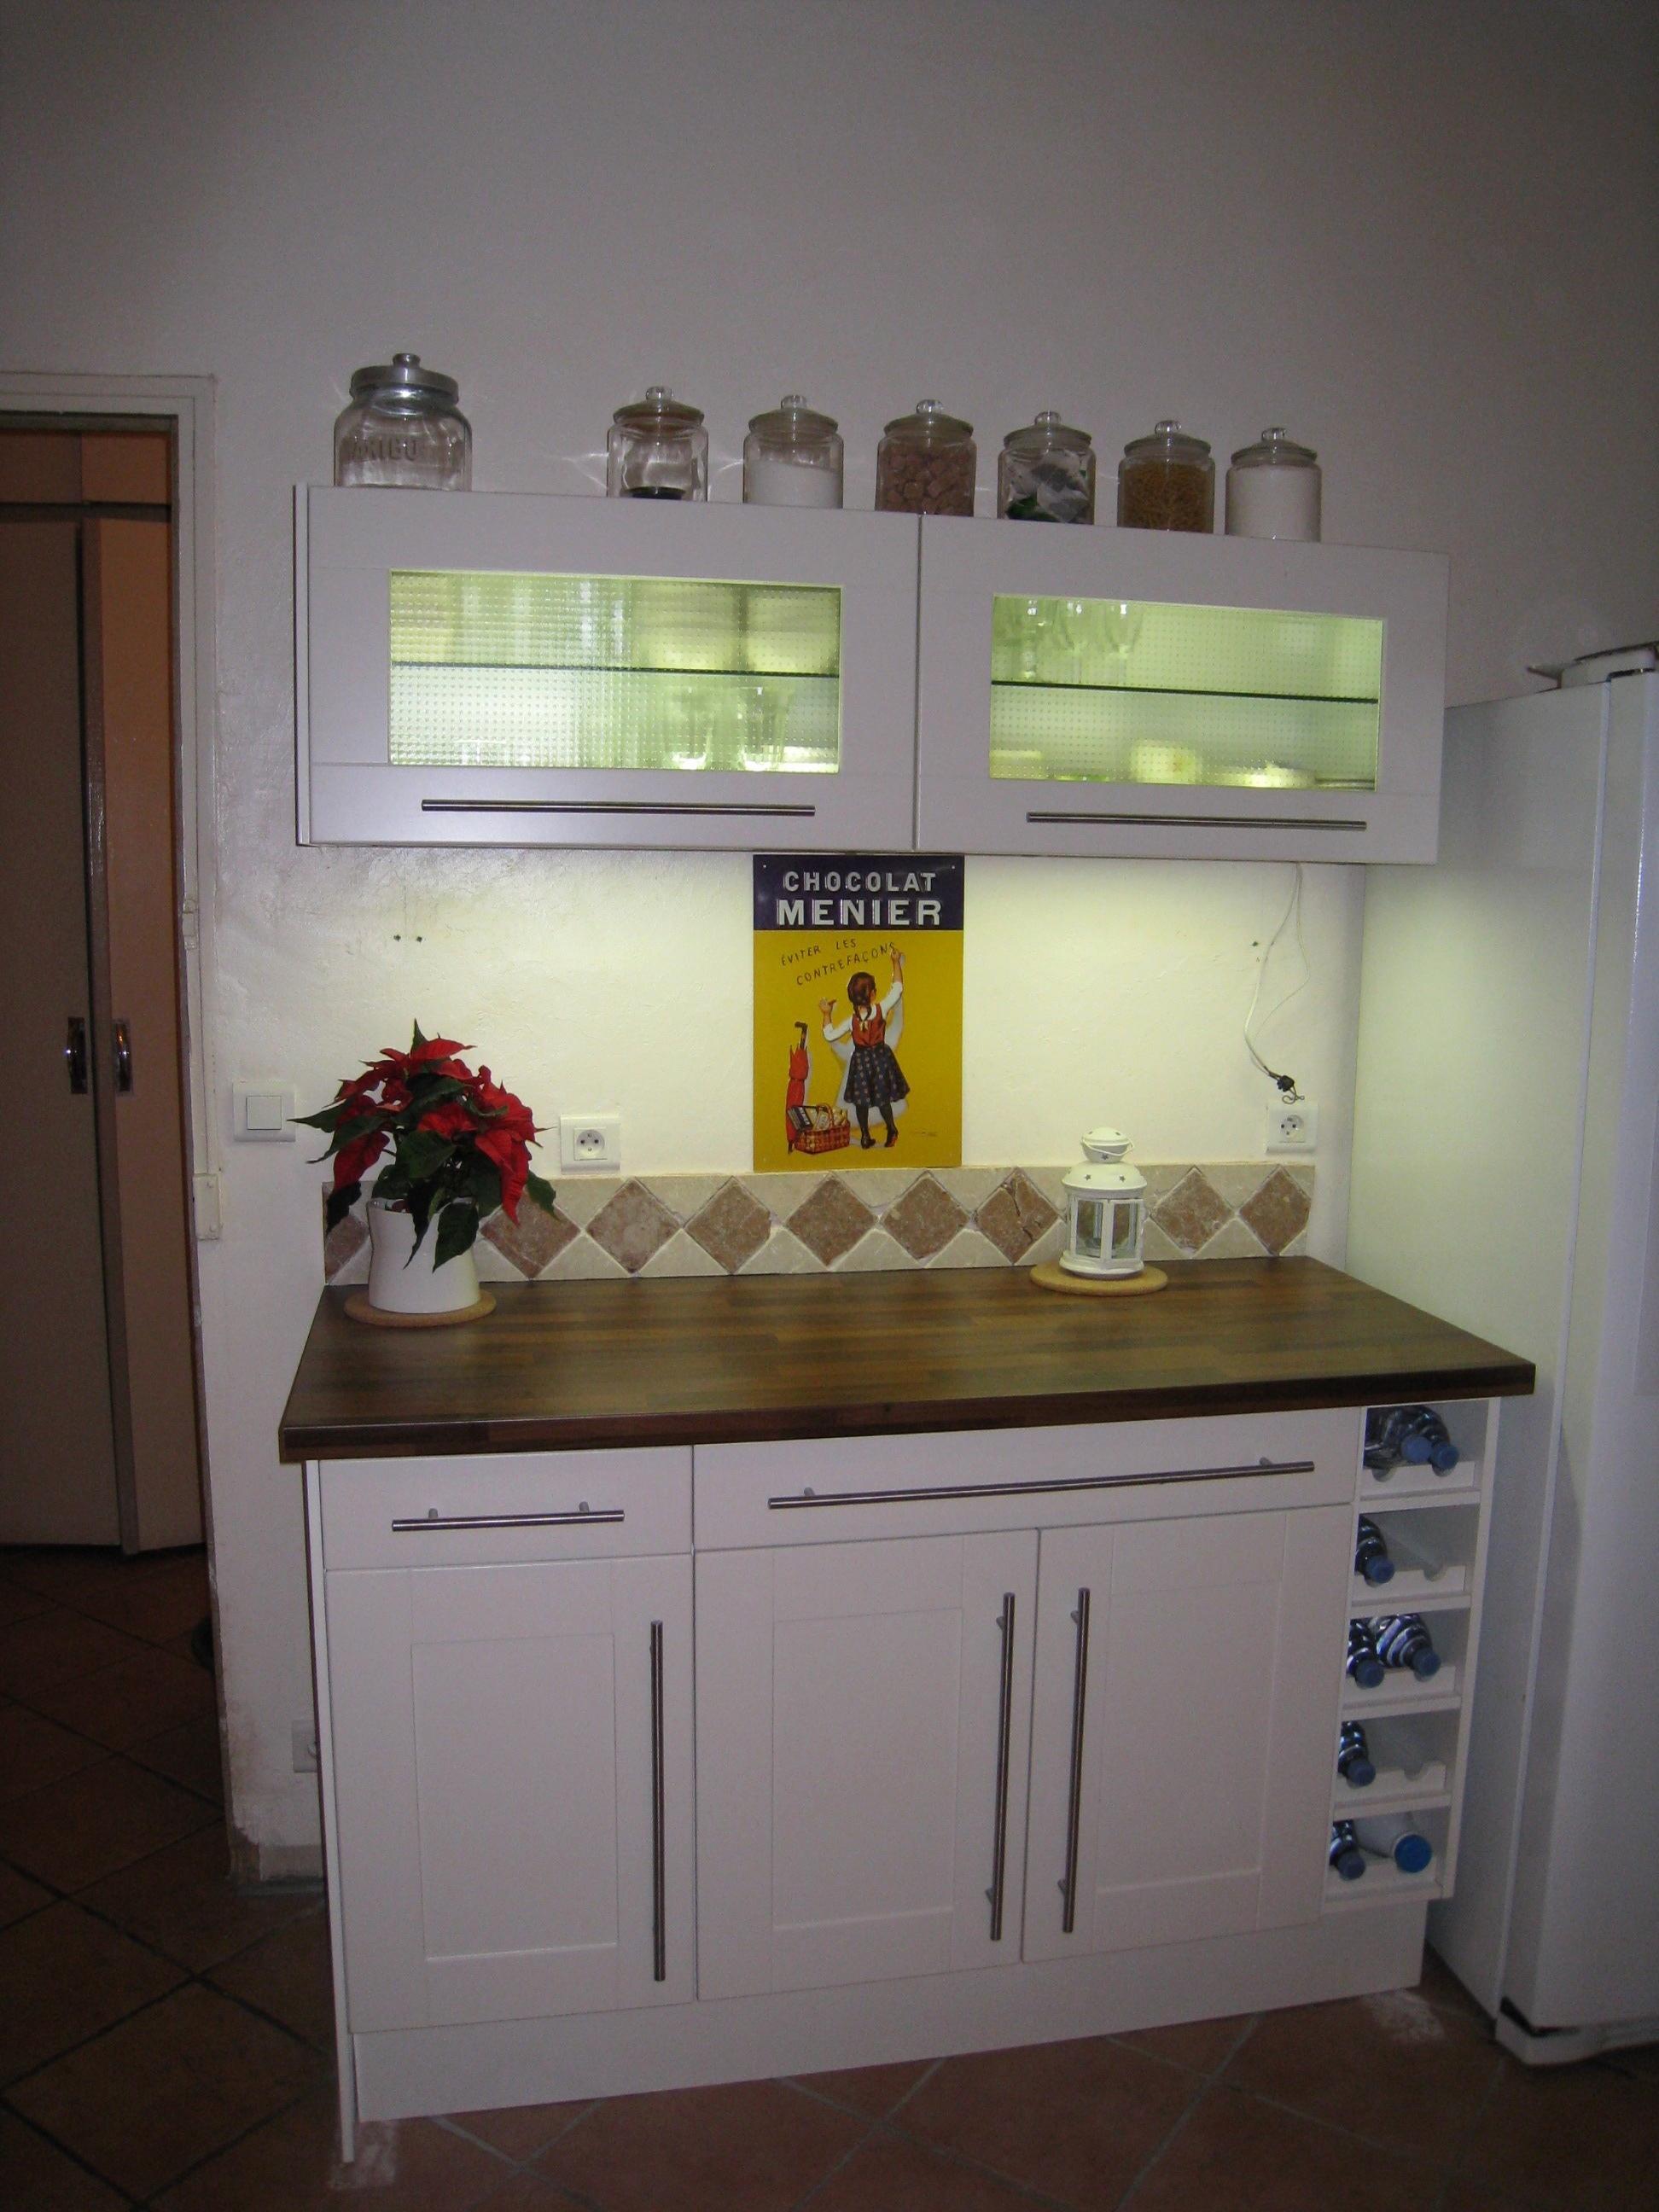 Les elements de cuisine pas cher tout sur la cuisine et le mobilier cuisine - Tout pour la cuisine pas cher ...